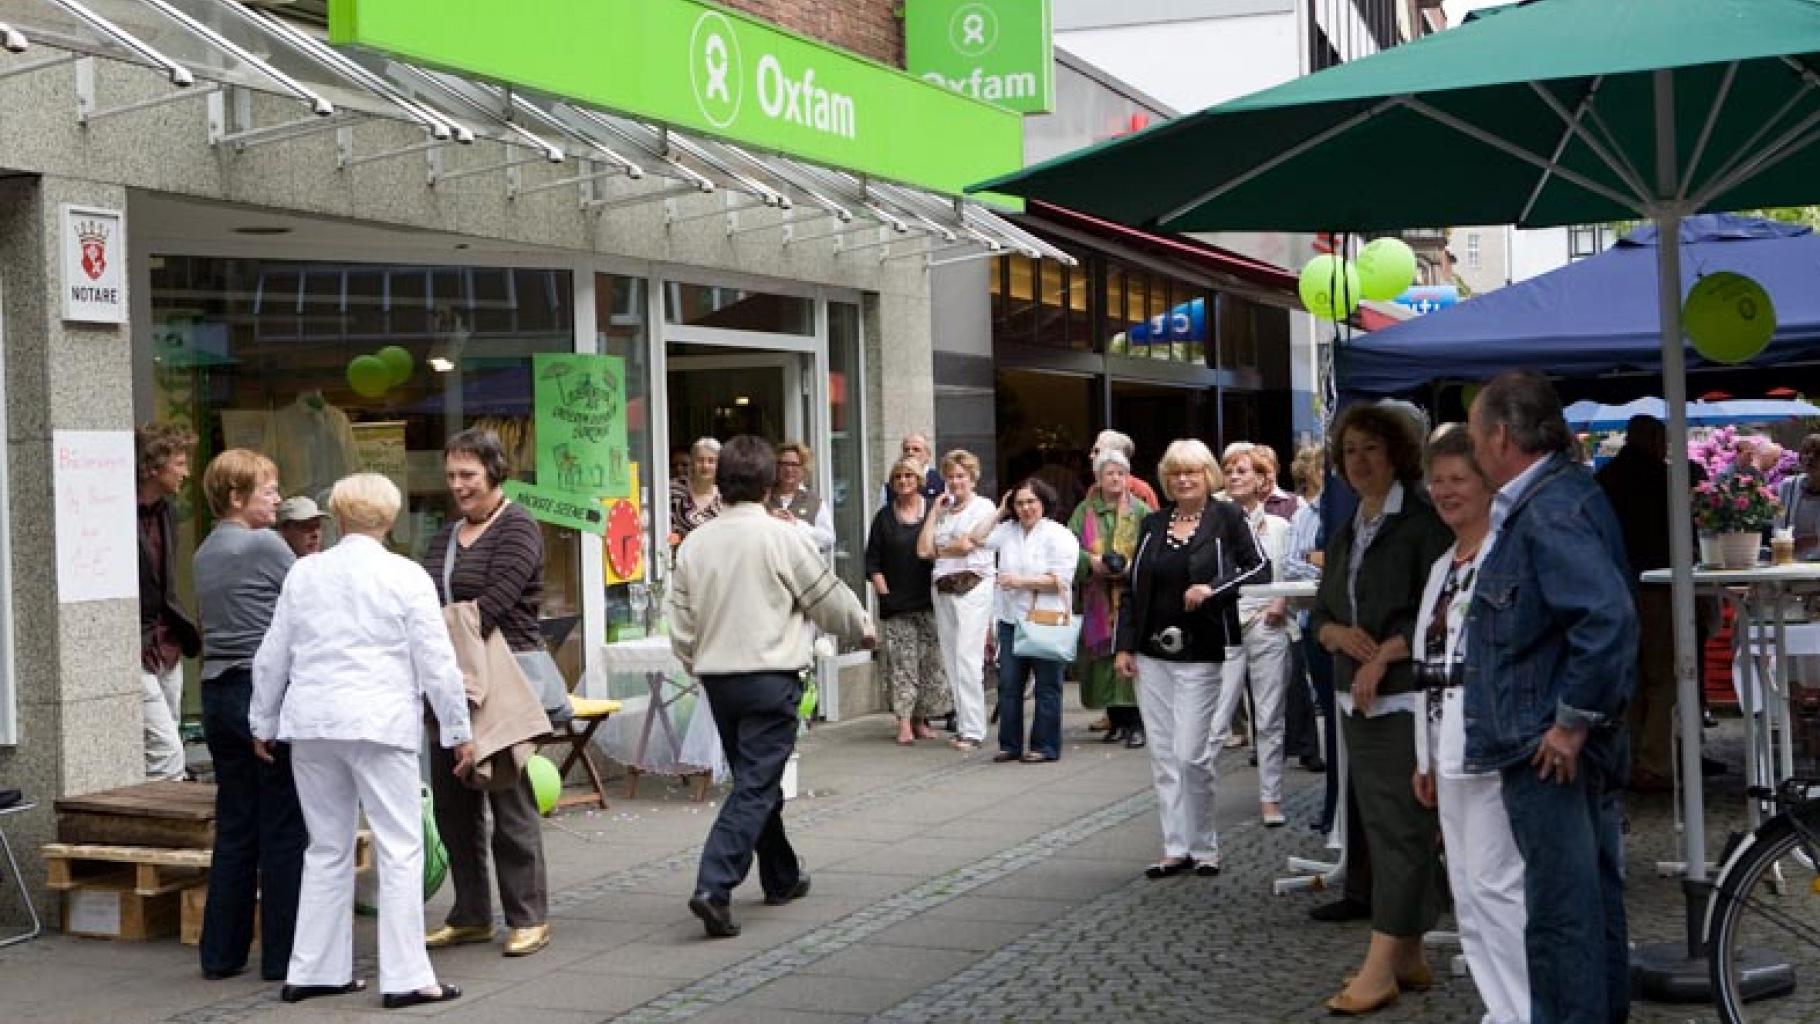 Oxfam Shop Bremen - Außenansicht